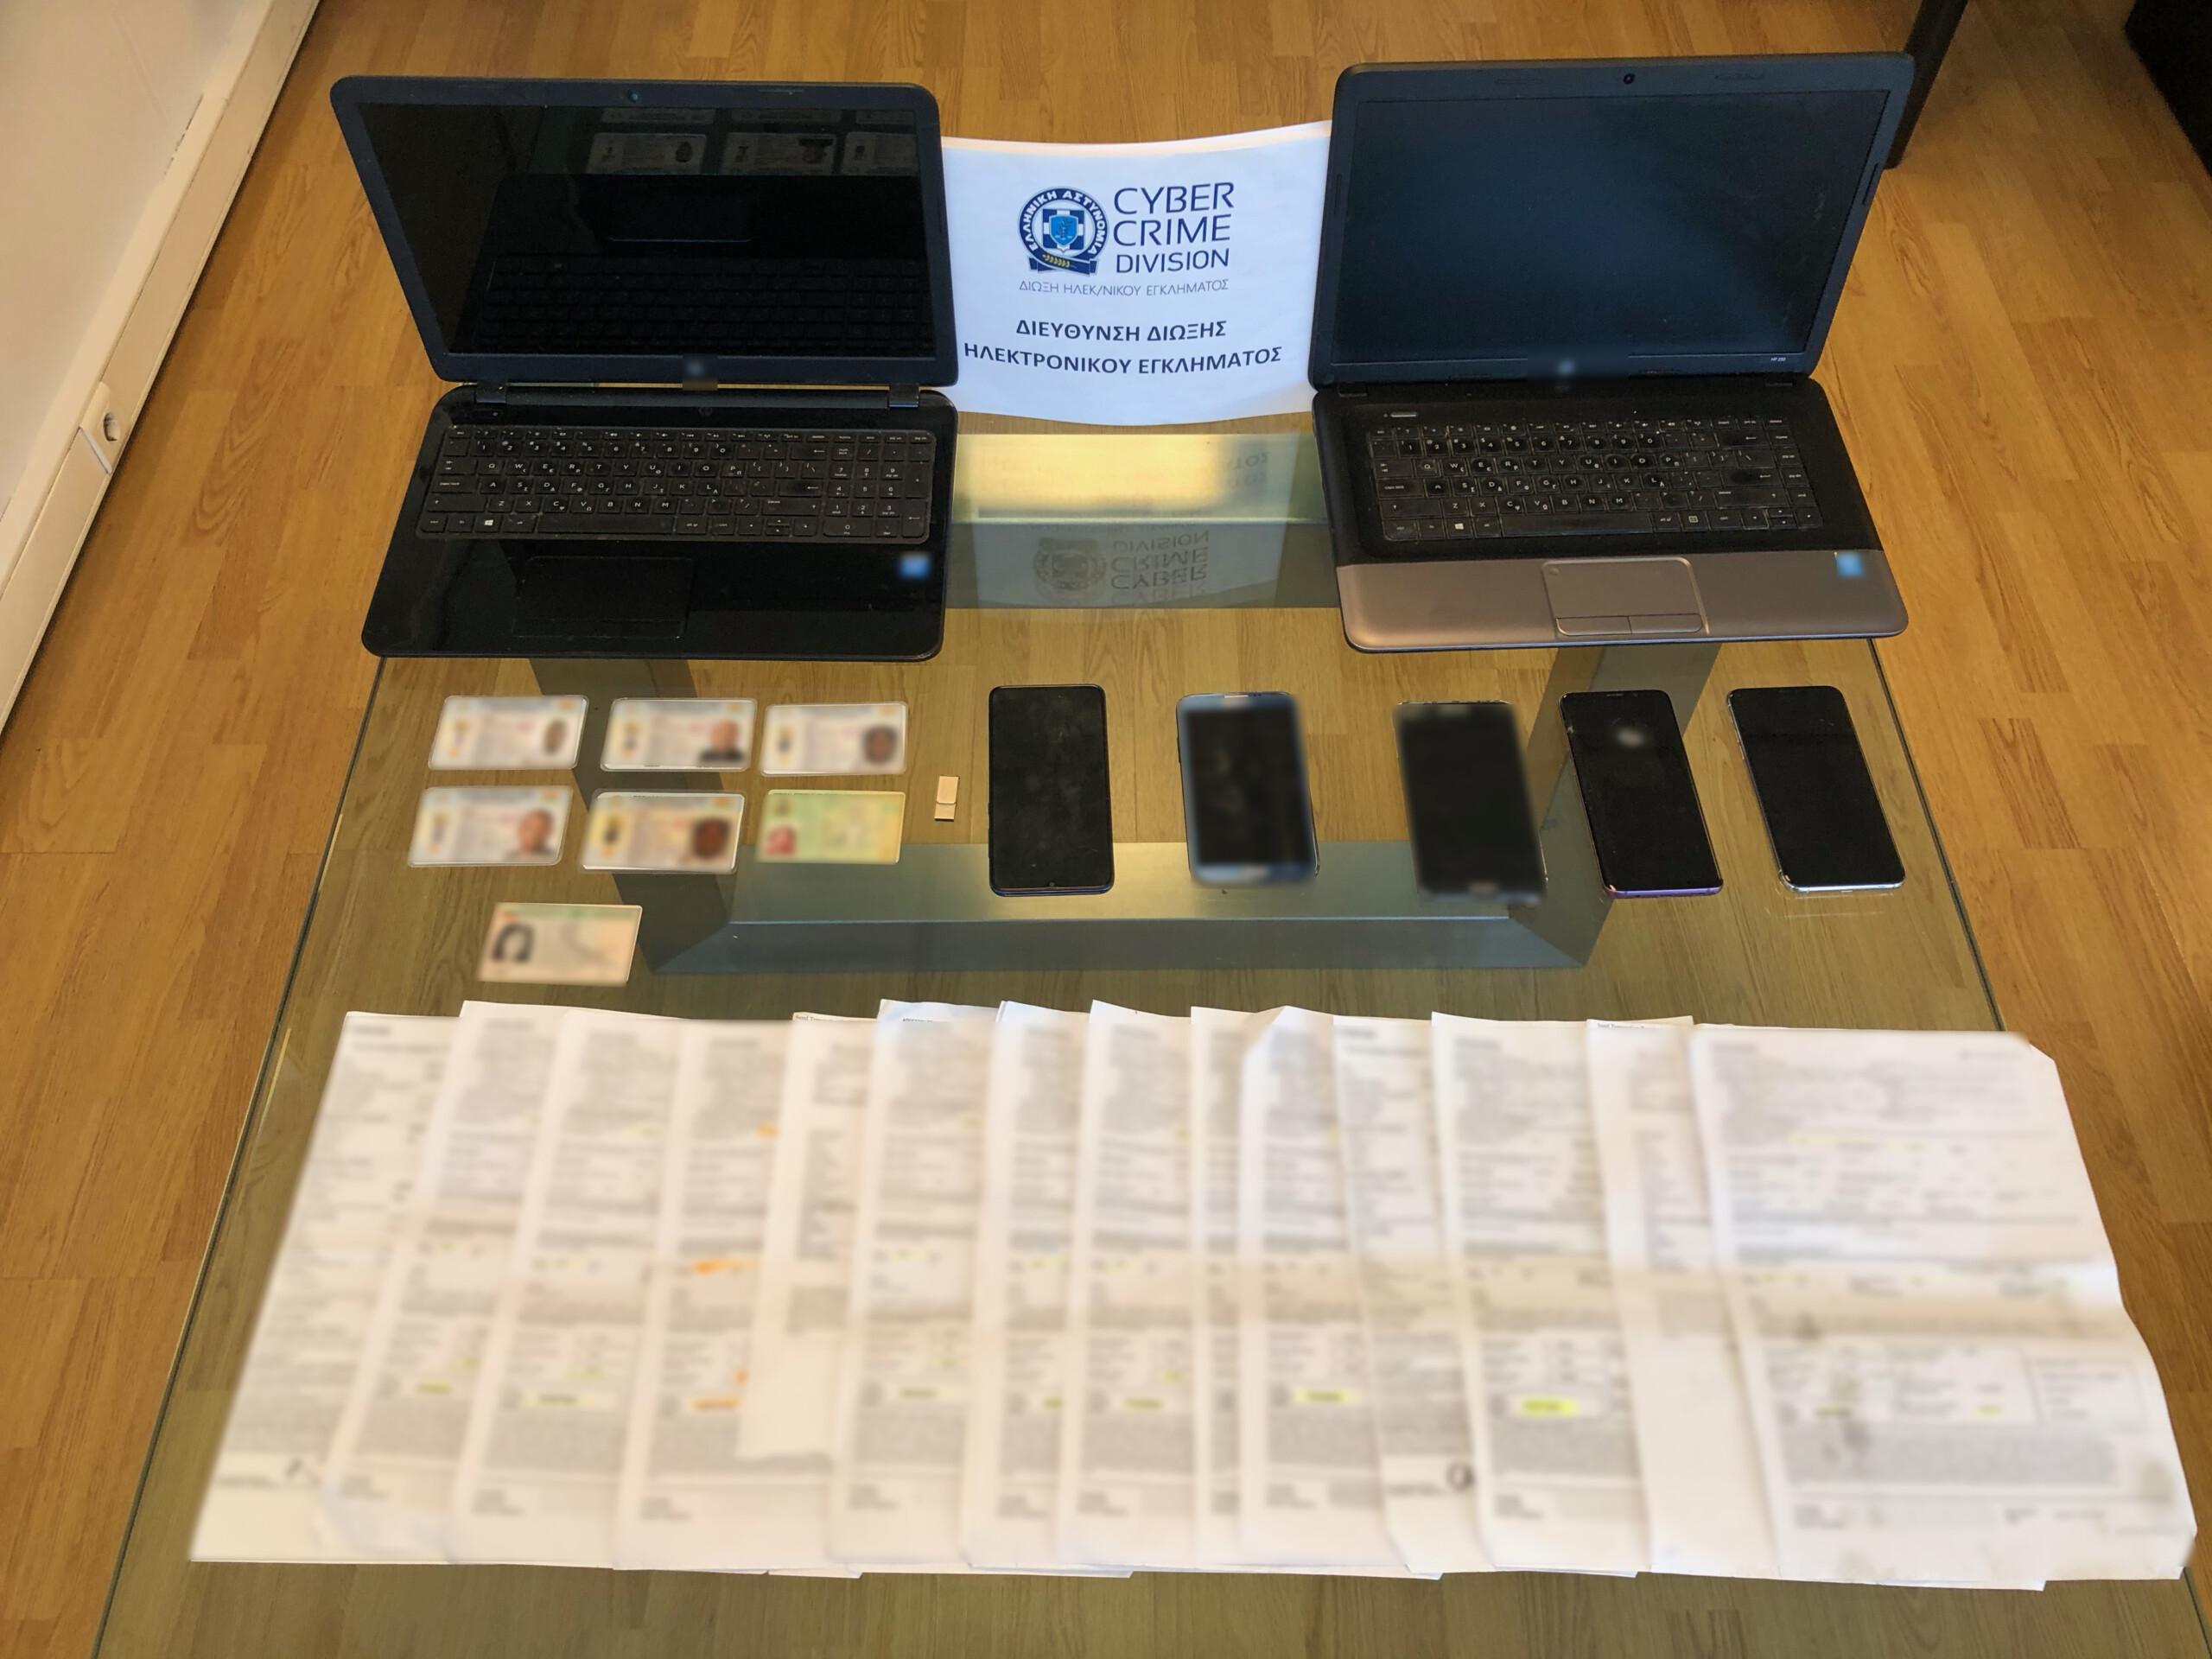 Ηλεκτρονική απάτη με ακτοπλοϊκά εισιτήρια – Οδηγίες για να προφυλαχθούμε